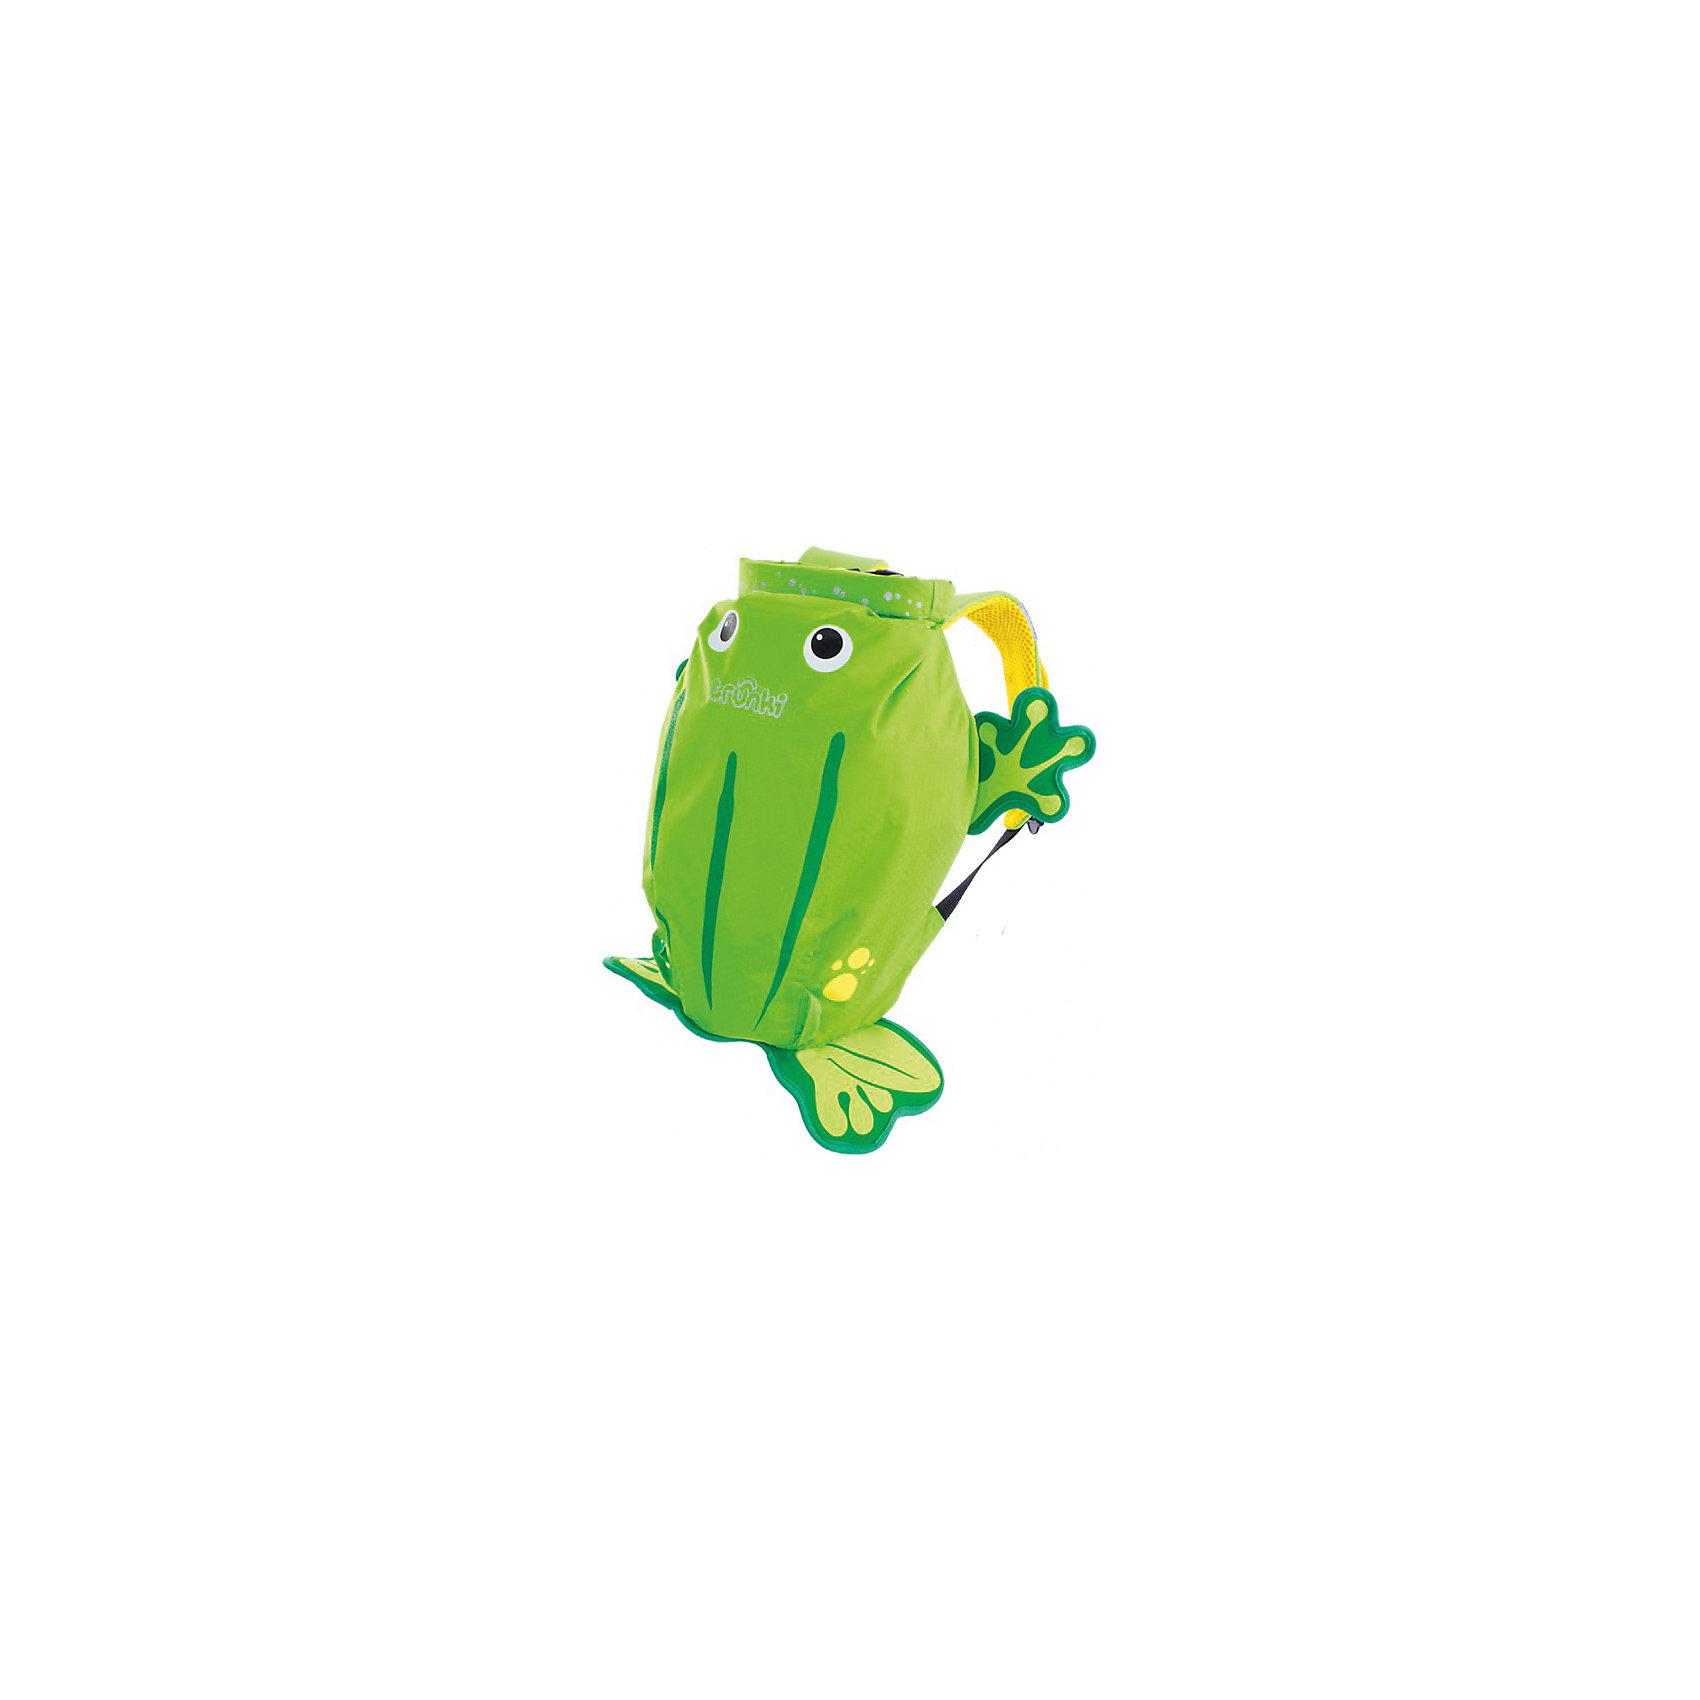 Рюкзак для бассейна и пляжа ЛягушкаКупальники и плавки<br>Яркий стильный рюкзак для бассейна и пляжа Лягушка от мирового производителя детских чемоданов и дорожный аксессуаров Транки (Trunki) - великолепная новинка для юных путешественников!<br>Рюкзак выполнен в виде лягушки яркого салатового цвета с забавными лапками. Материал, из которого сделан рюкзак, водоотталкивающий, а это значит, что малышу не придется волноваться за то, что его вещи и любимые игрушки могут промокнуть. <br><br>Рюкзак для бассейна и пляжа оснащен специальным креплением Trunki, с помощью него можно крепить к сумке солнцезащитные очки. Рюкзак имеет светоотражающую отделку, а также карман в виде плавника, куда можно положить различные мелочи.  <br>Рюкзак Trunki – незаменимый аксессуар для мальчиков и девочек для походов в бассейн или на пляж.<br><br>Дополнительная информация:<br><br>Размер рюкзака: 49,5 х 41 см.<br>Объем: 7,5 литров.<br><br>Рюкзак для бассейна и пляжа Лягушка можно купить в нашем магазине.<br><br>Ширина мм: 490<br>Глубина мм: 410<br>Высота мм: 200<br>Вес г: 250<br>Возраст от месяцев: 36<br>Возраст до месяцев: 84<br>Пол: Унисекс<br>Возраст: Детский<br>SKU: 4090981